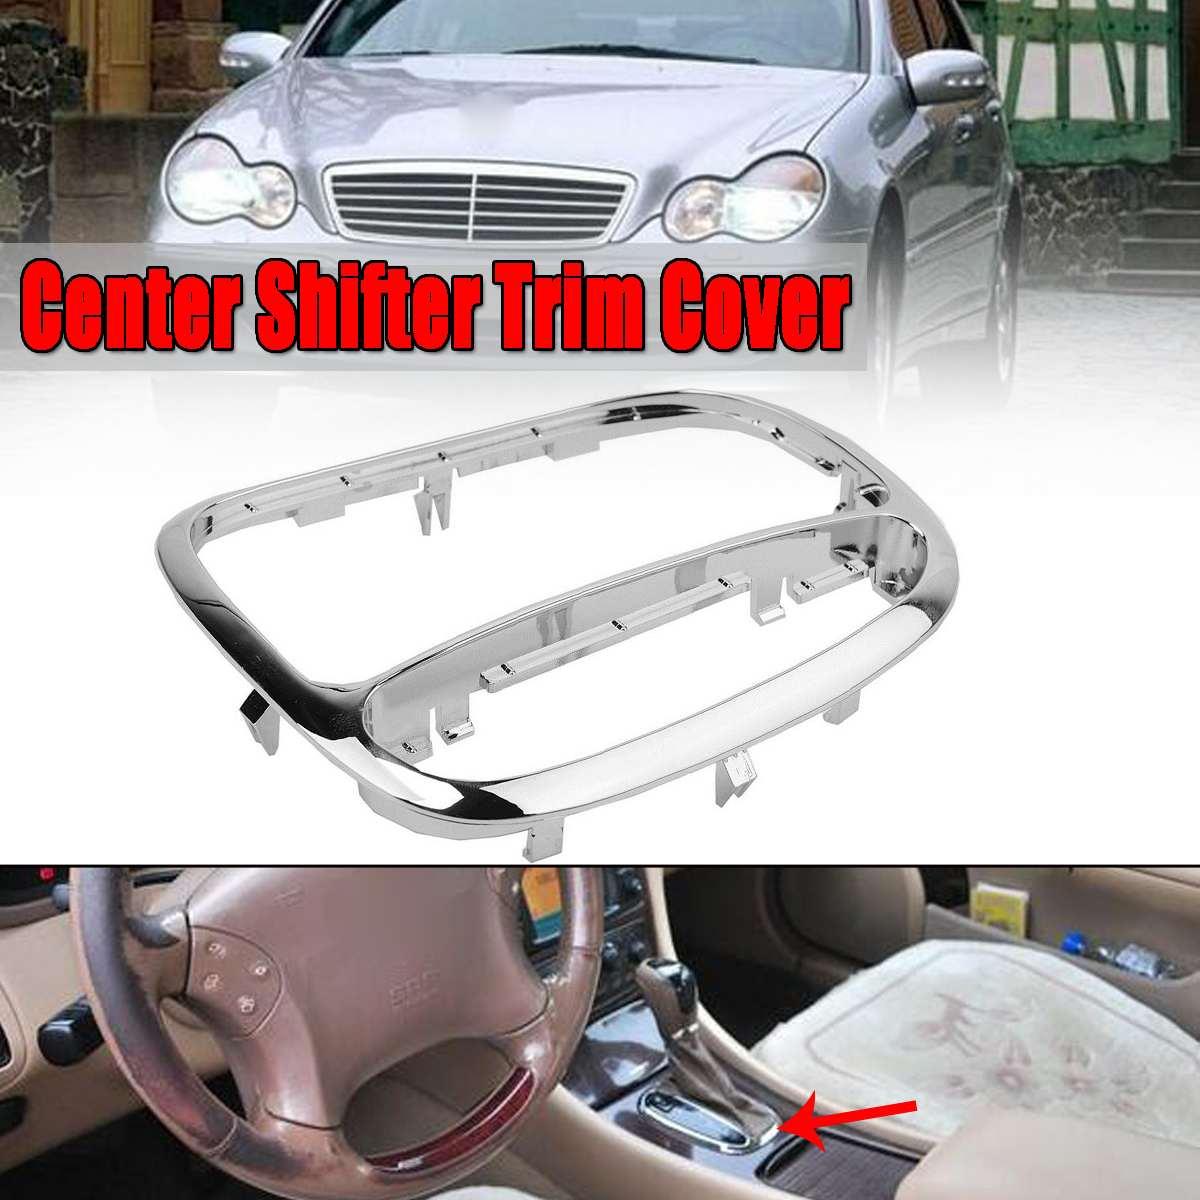 1x Car Center Gear Shifter Panel Decorative Trim Cover Bezel Fit For MERCEDES For Benz C Class W203 C230 C240 C320 D106 4Dr/2Dr